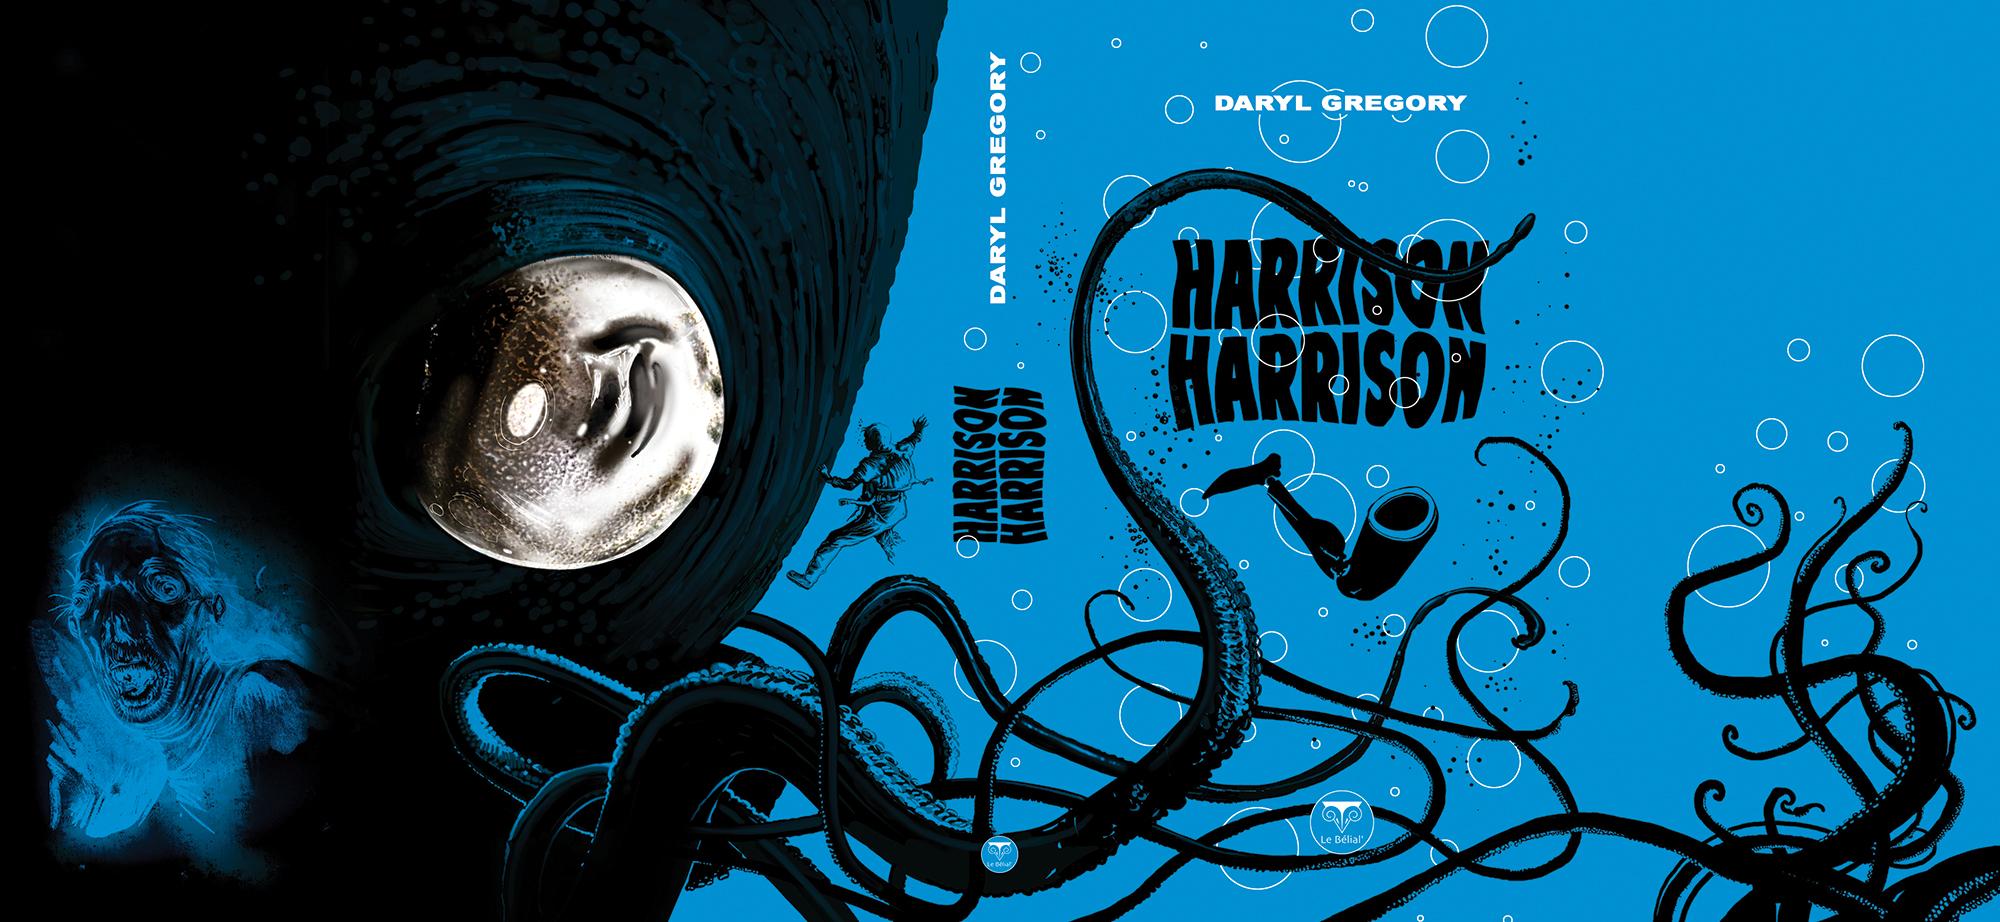 Harrison Harrison David Gregory